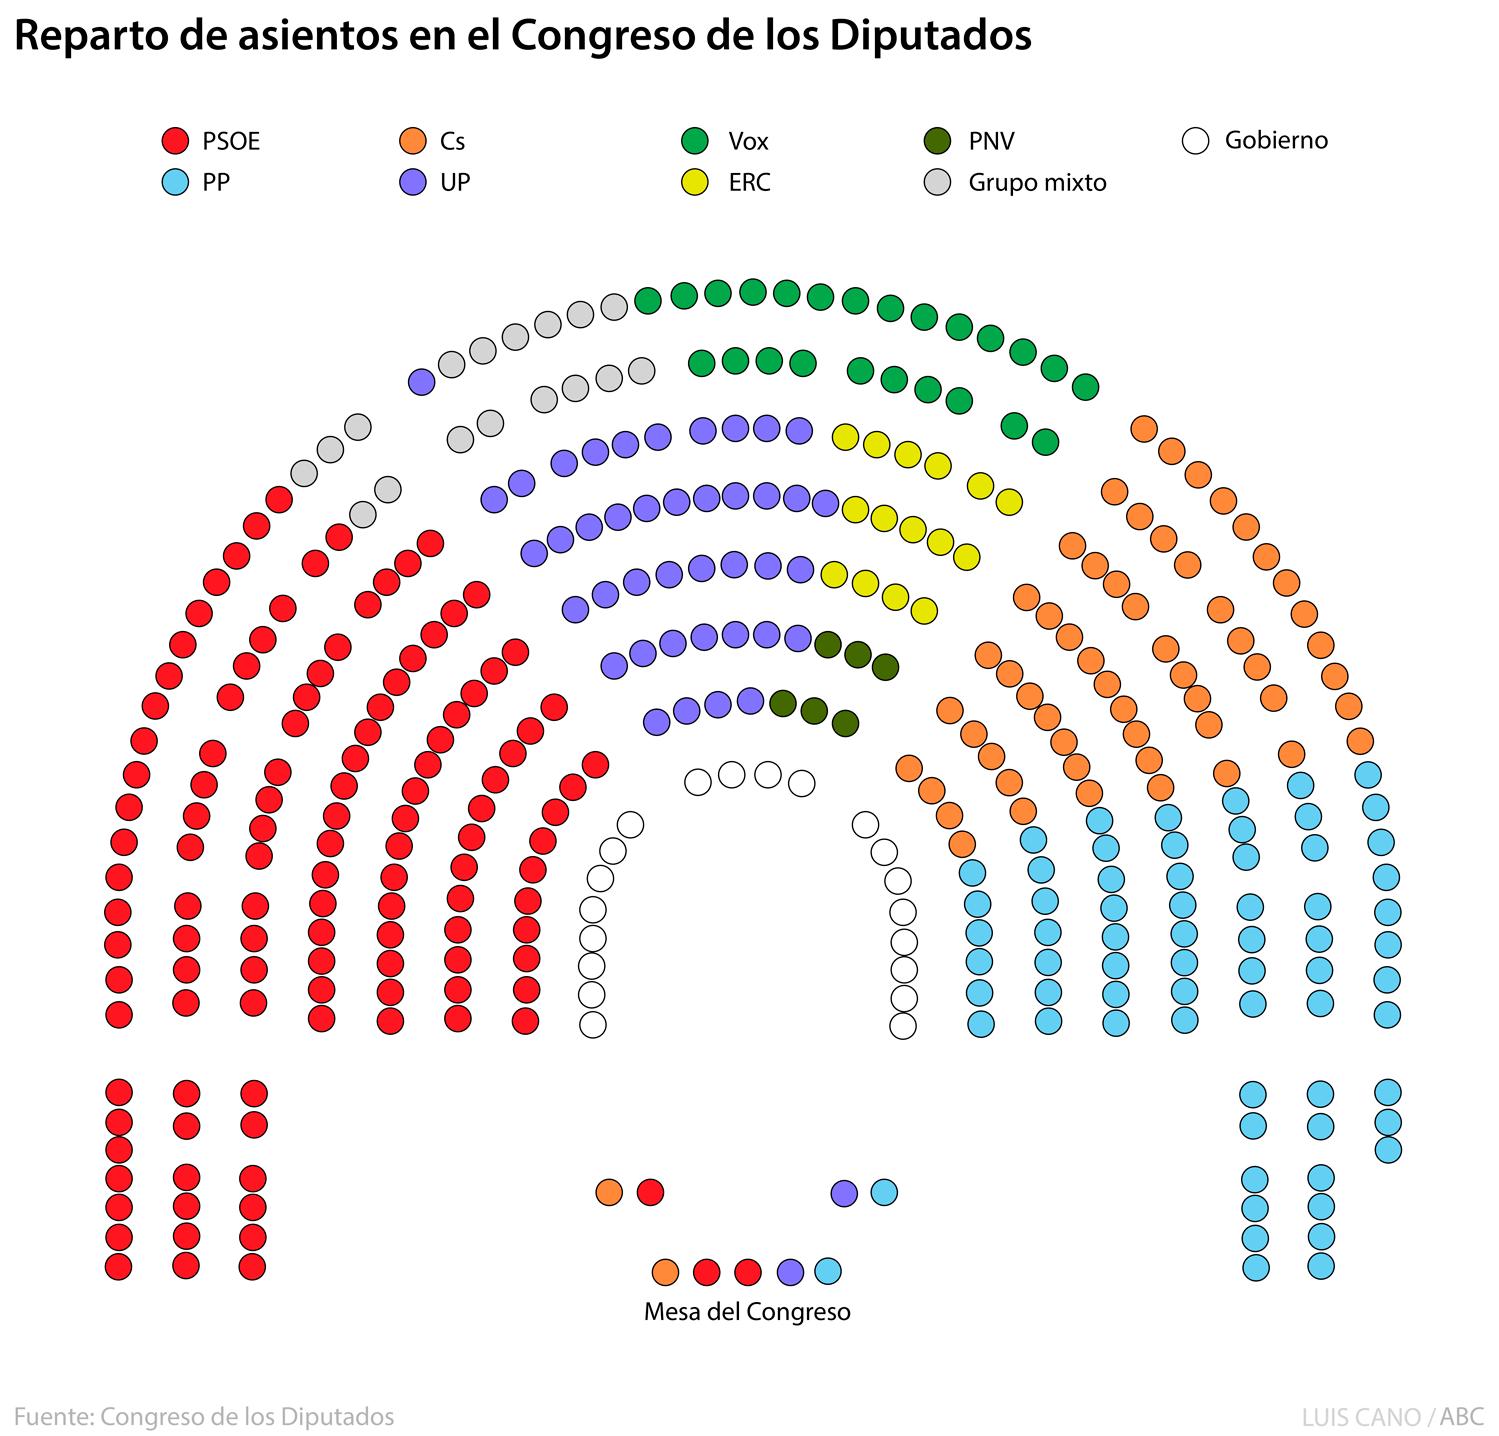 Reparto de asientos en el Congreso de los Diputados